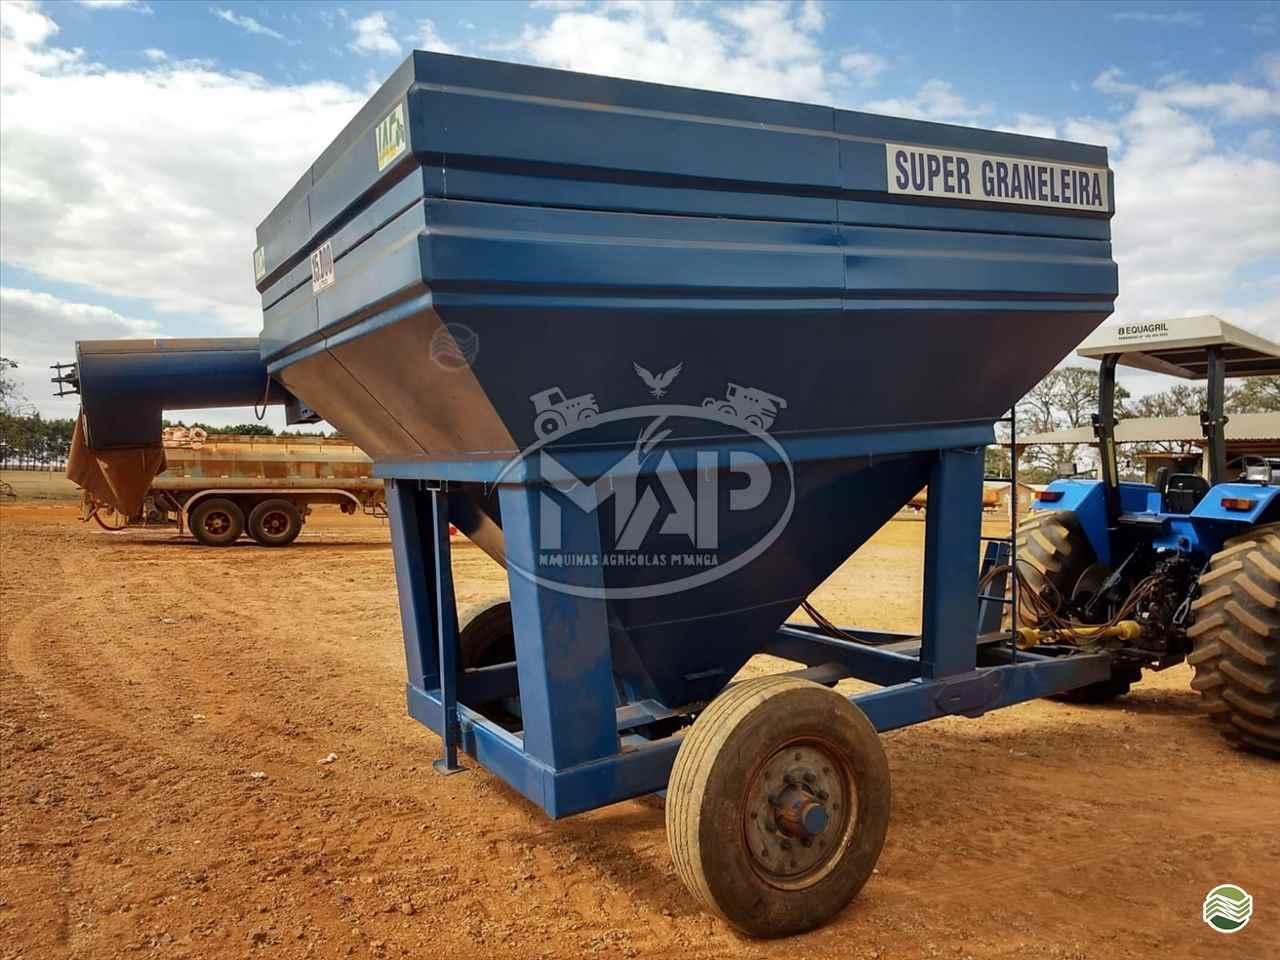 IMPLEMENTOS AGRICOLAS CARRETA BAZUKA GRANELEIRA 15000 Máquinas Agrícolas Pitanga PITANGA PARANÁ PR